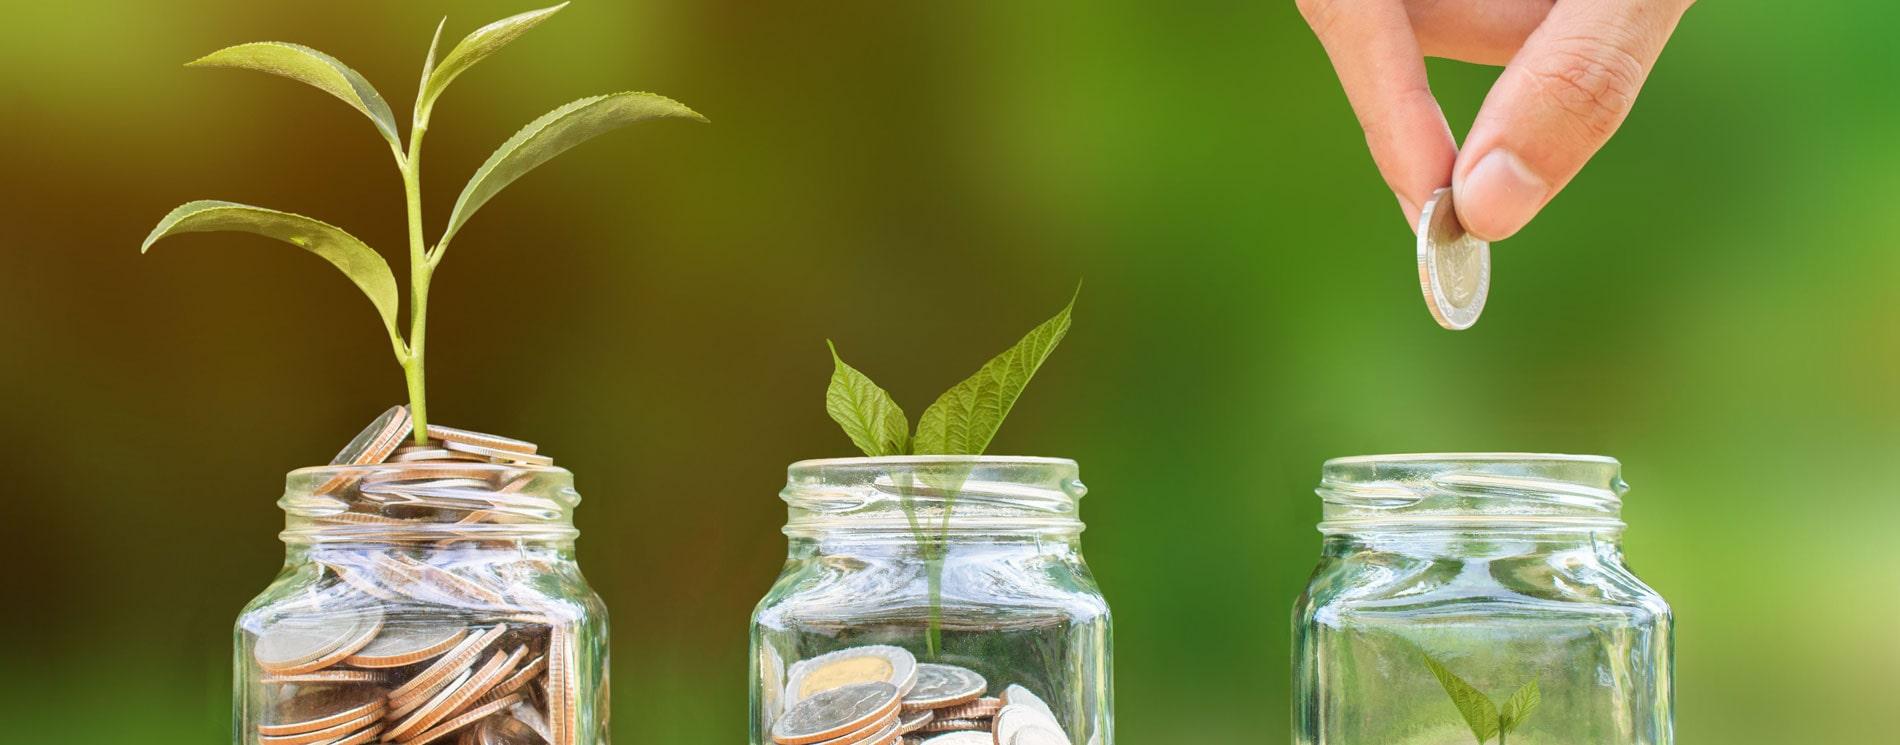 Nuovi Eco Bonus 2020